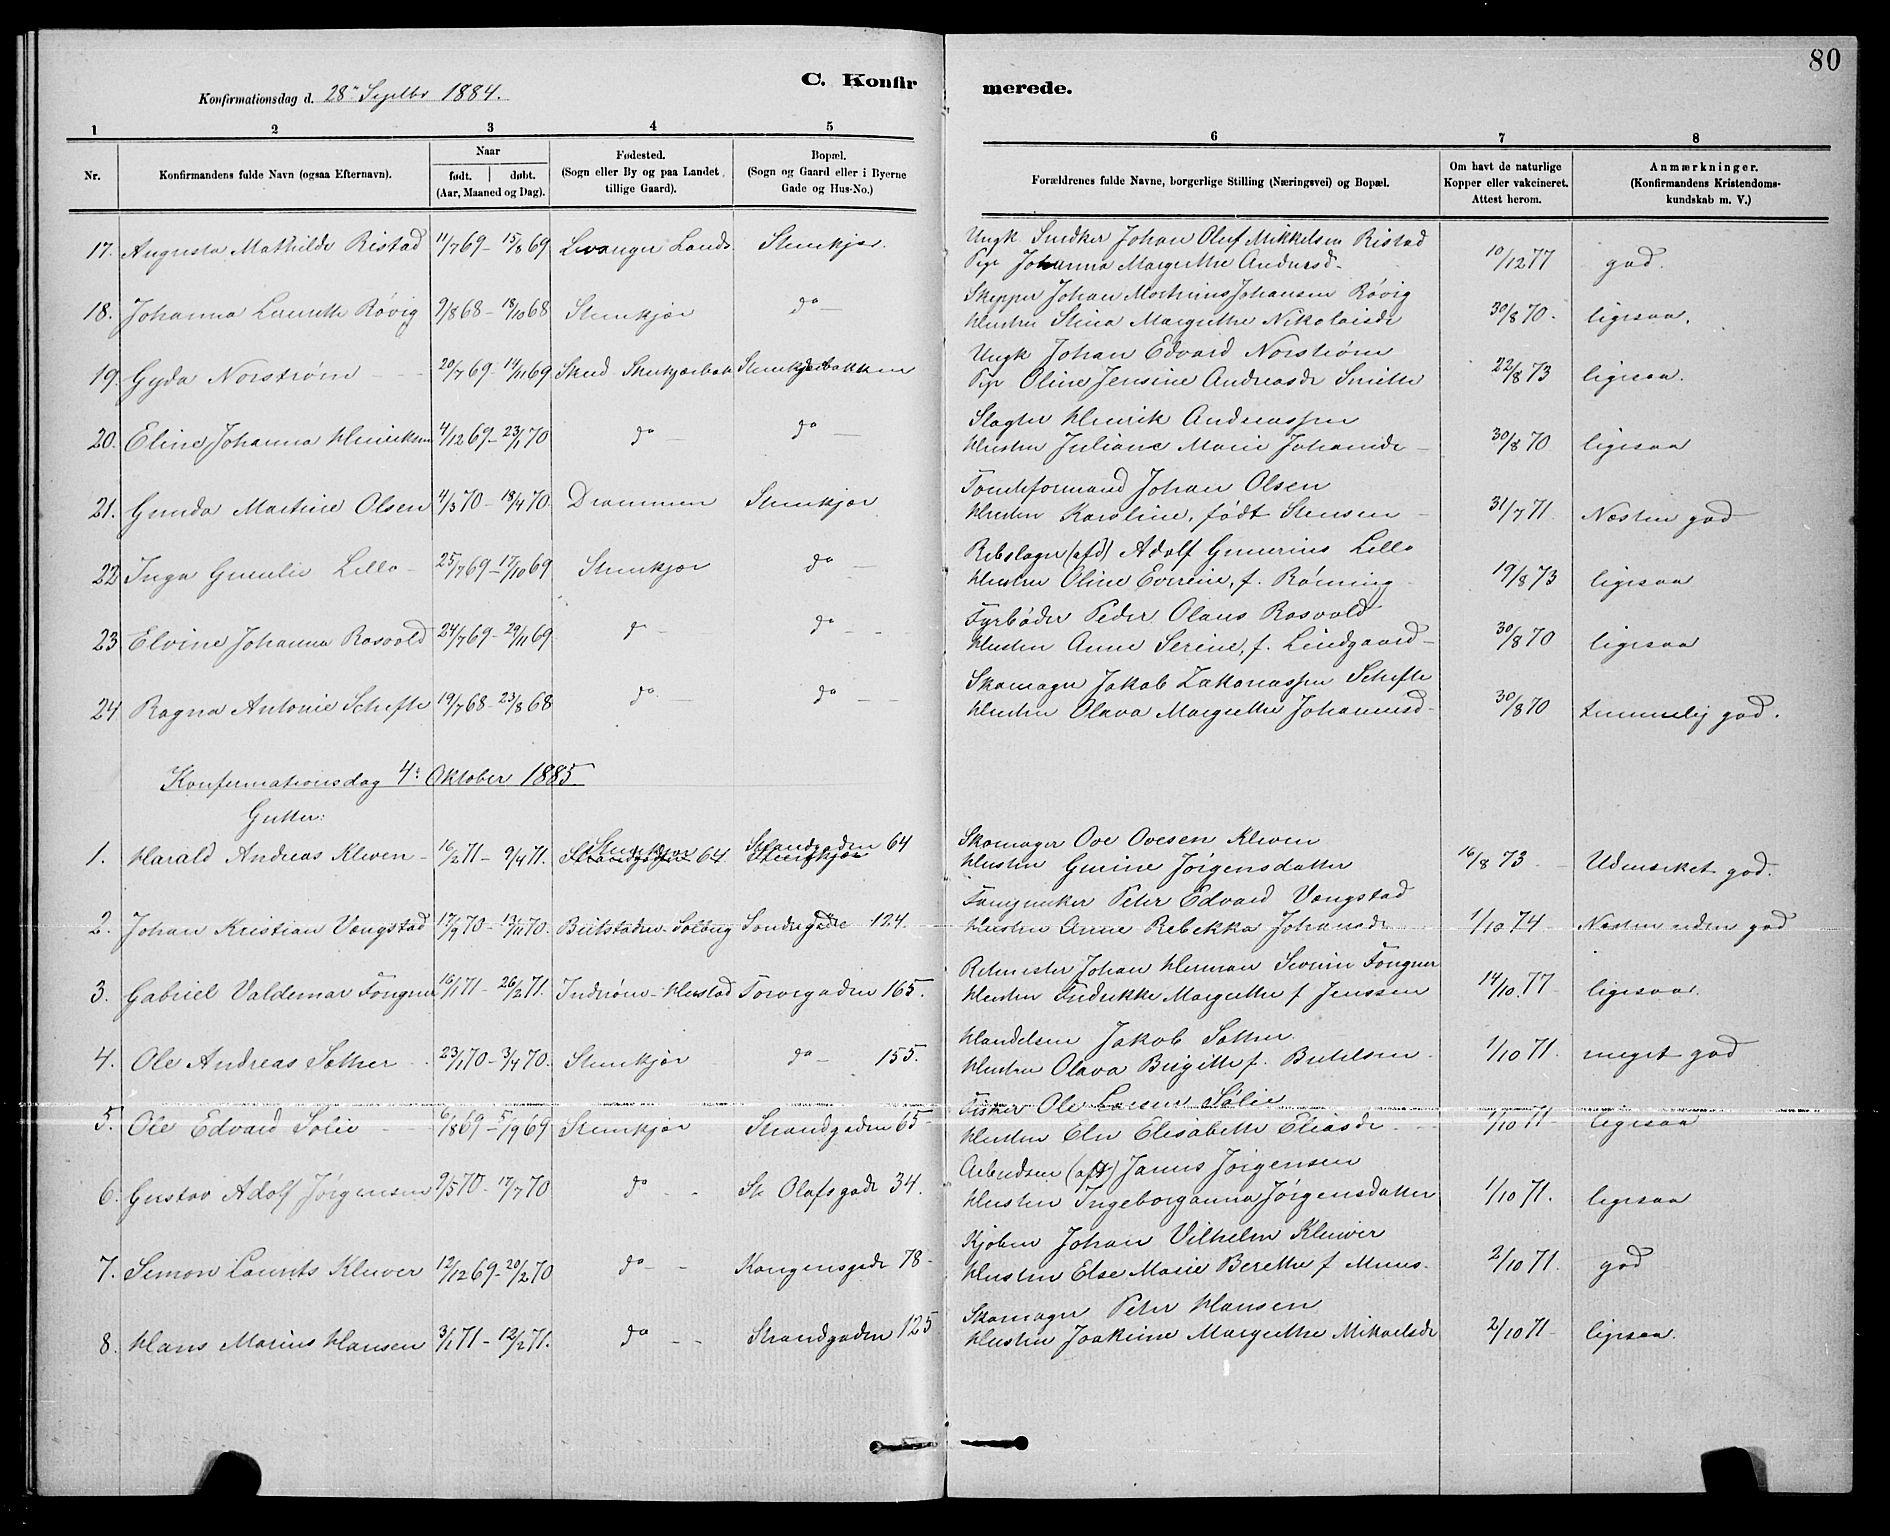 SAT, Ministerialprotokoller, klokkerbøker og fødselsregistre - Nord-Trøndelag, 739/L0374: Klokkerbok nr. 739C02, 1883-1898, s. 80